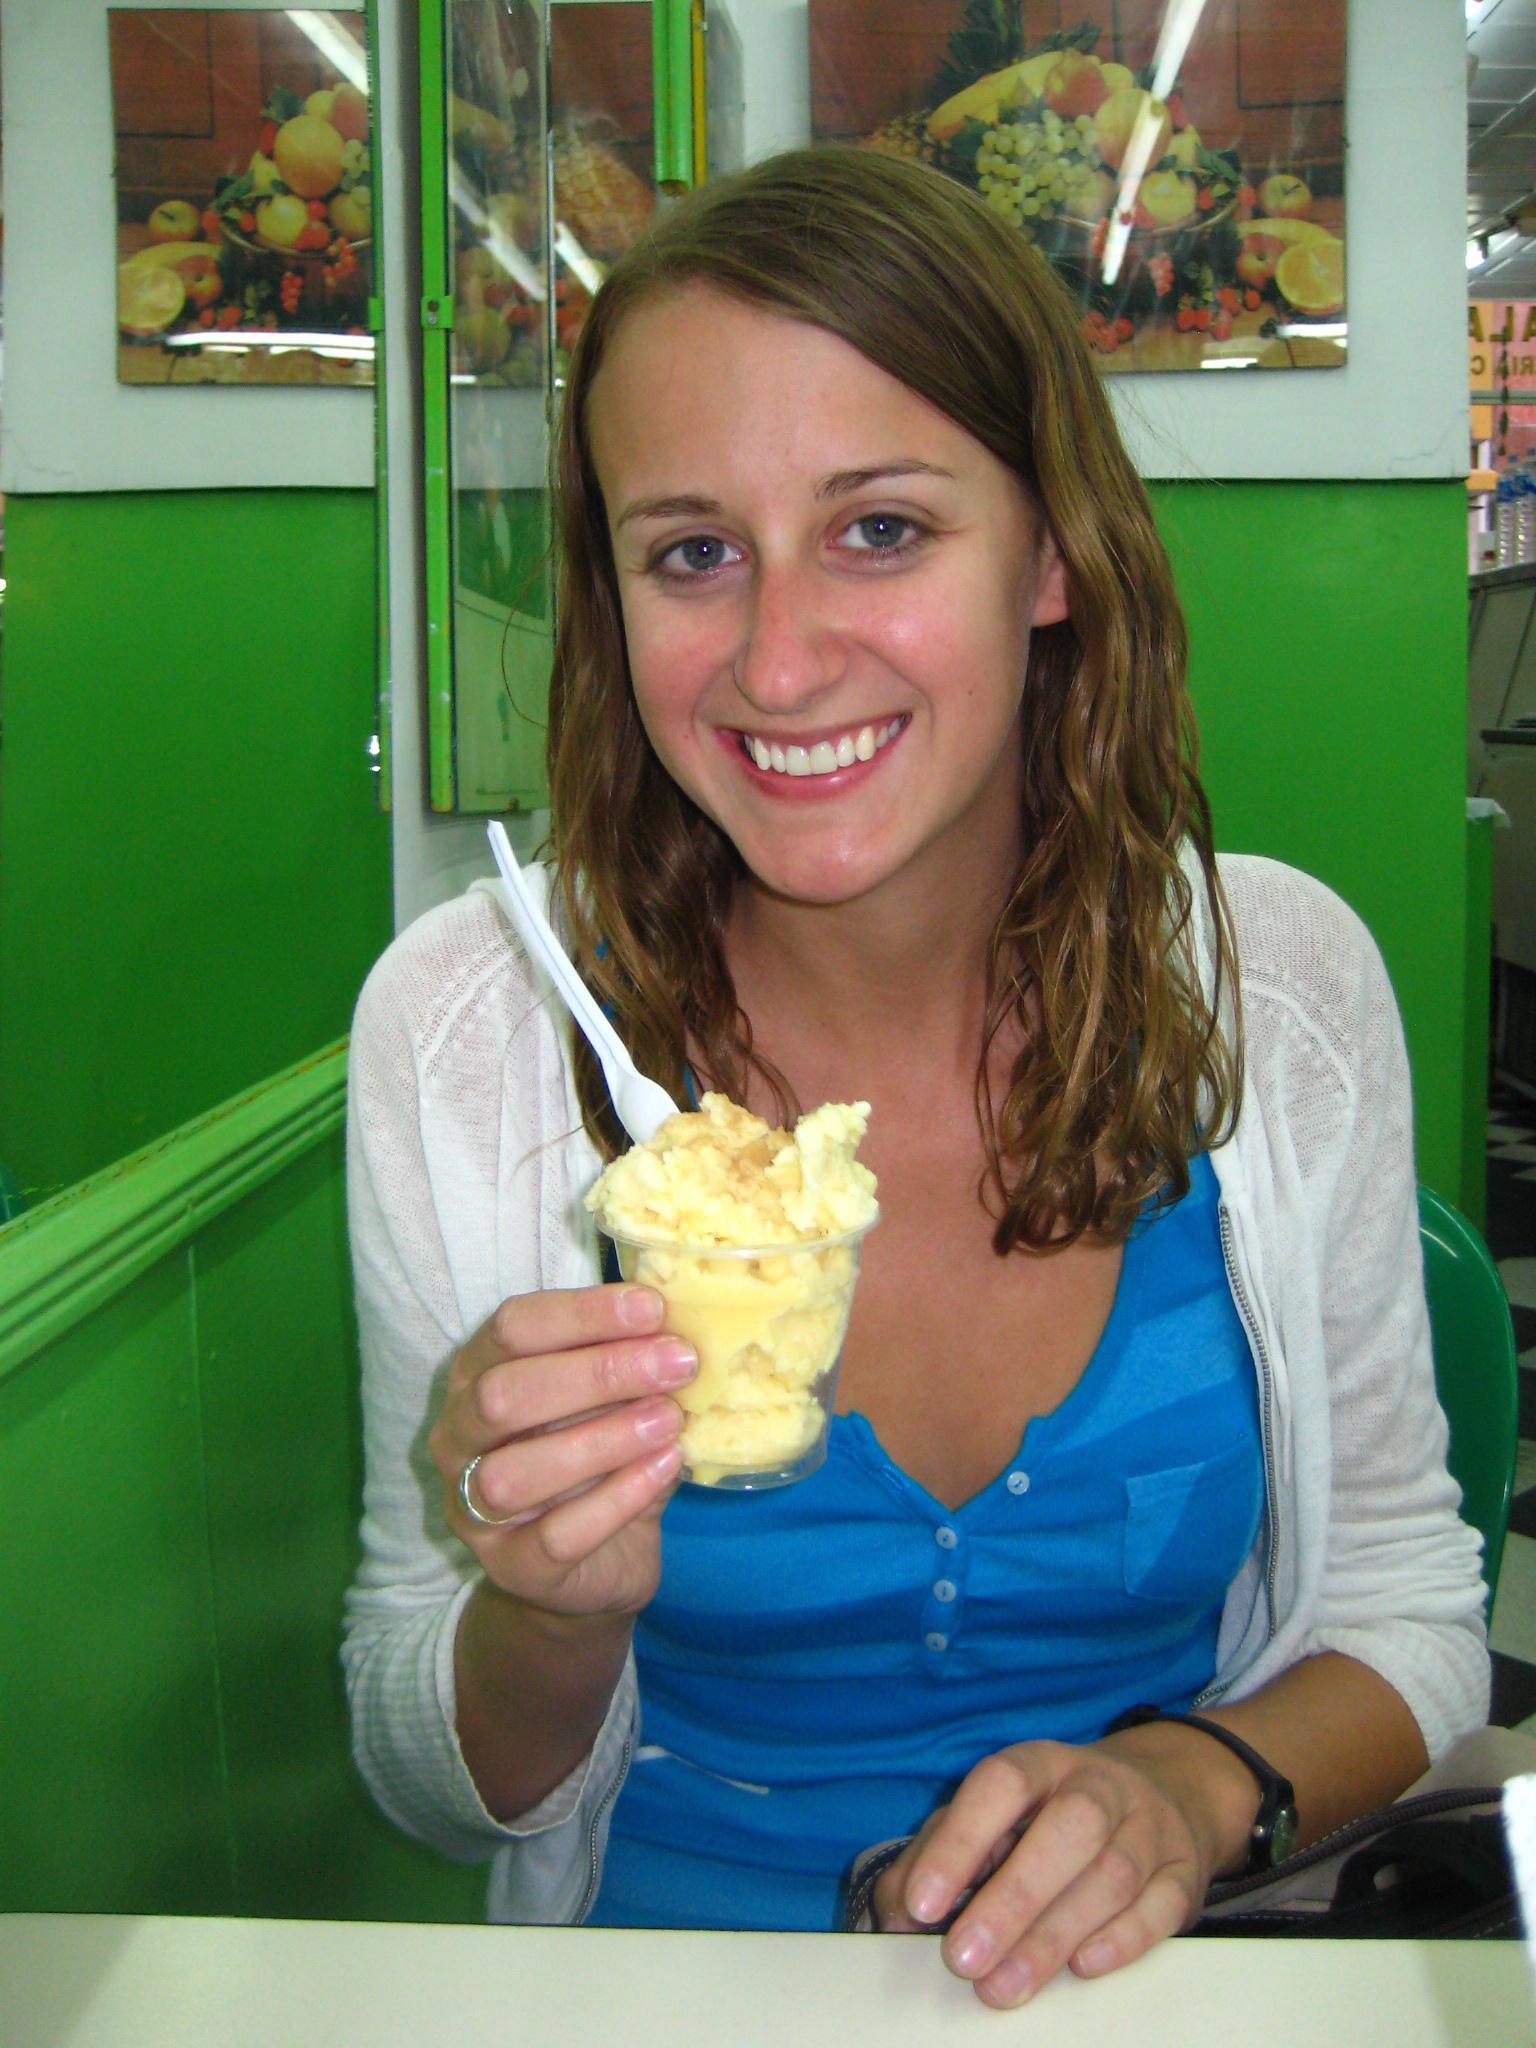 Eating queso helado